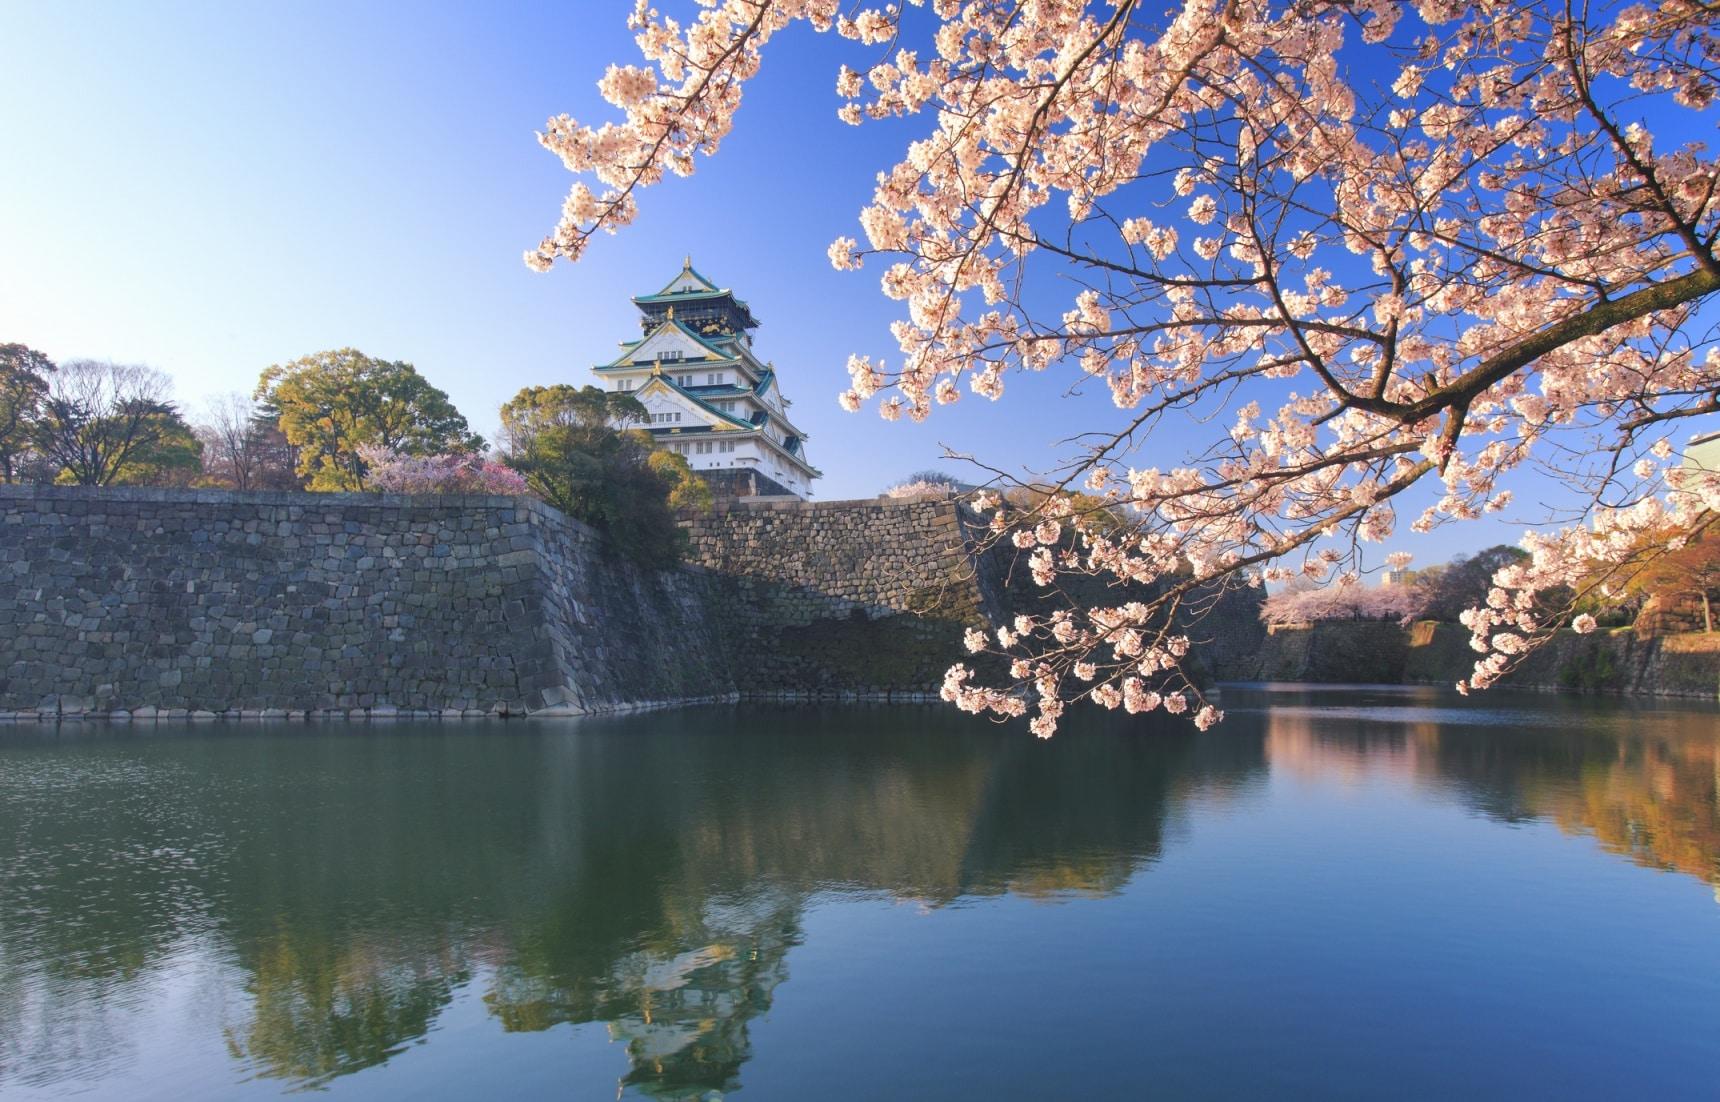 รู้รอบเรื่องปราสาทโอซาก้า Osaka Castle